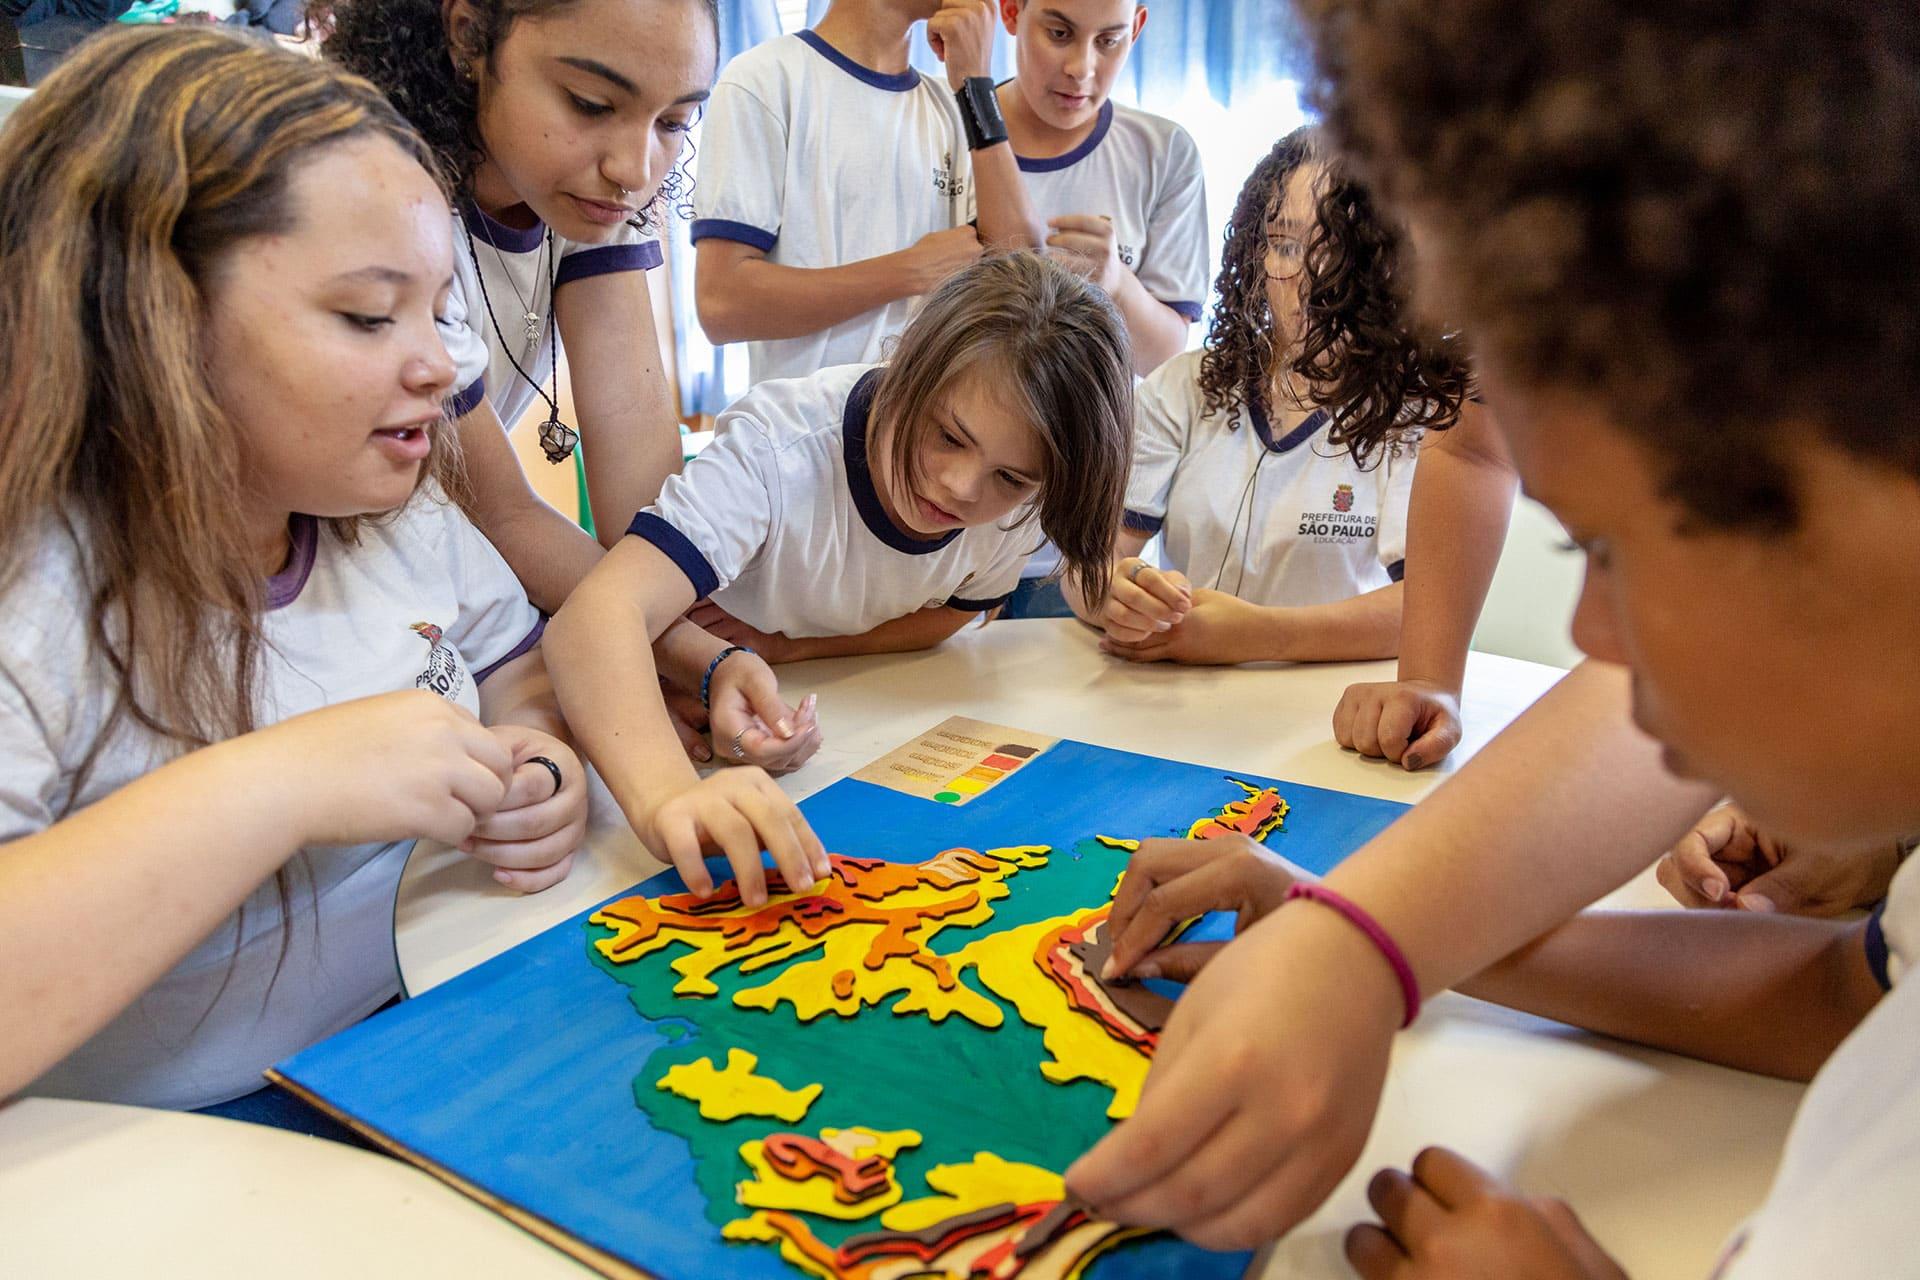 Em sala de aula, estudantes interagem com mapa tátil apoiado sobre mesas escolares. Uma das estudantes se debruça sobre a mesa para fixar uma das camadas de relevo do material. Fim da descrição.